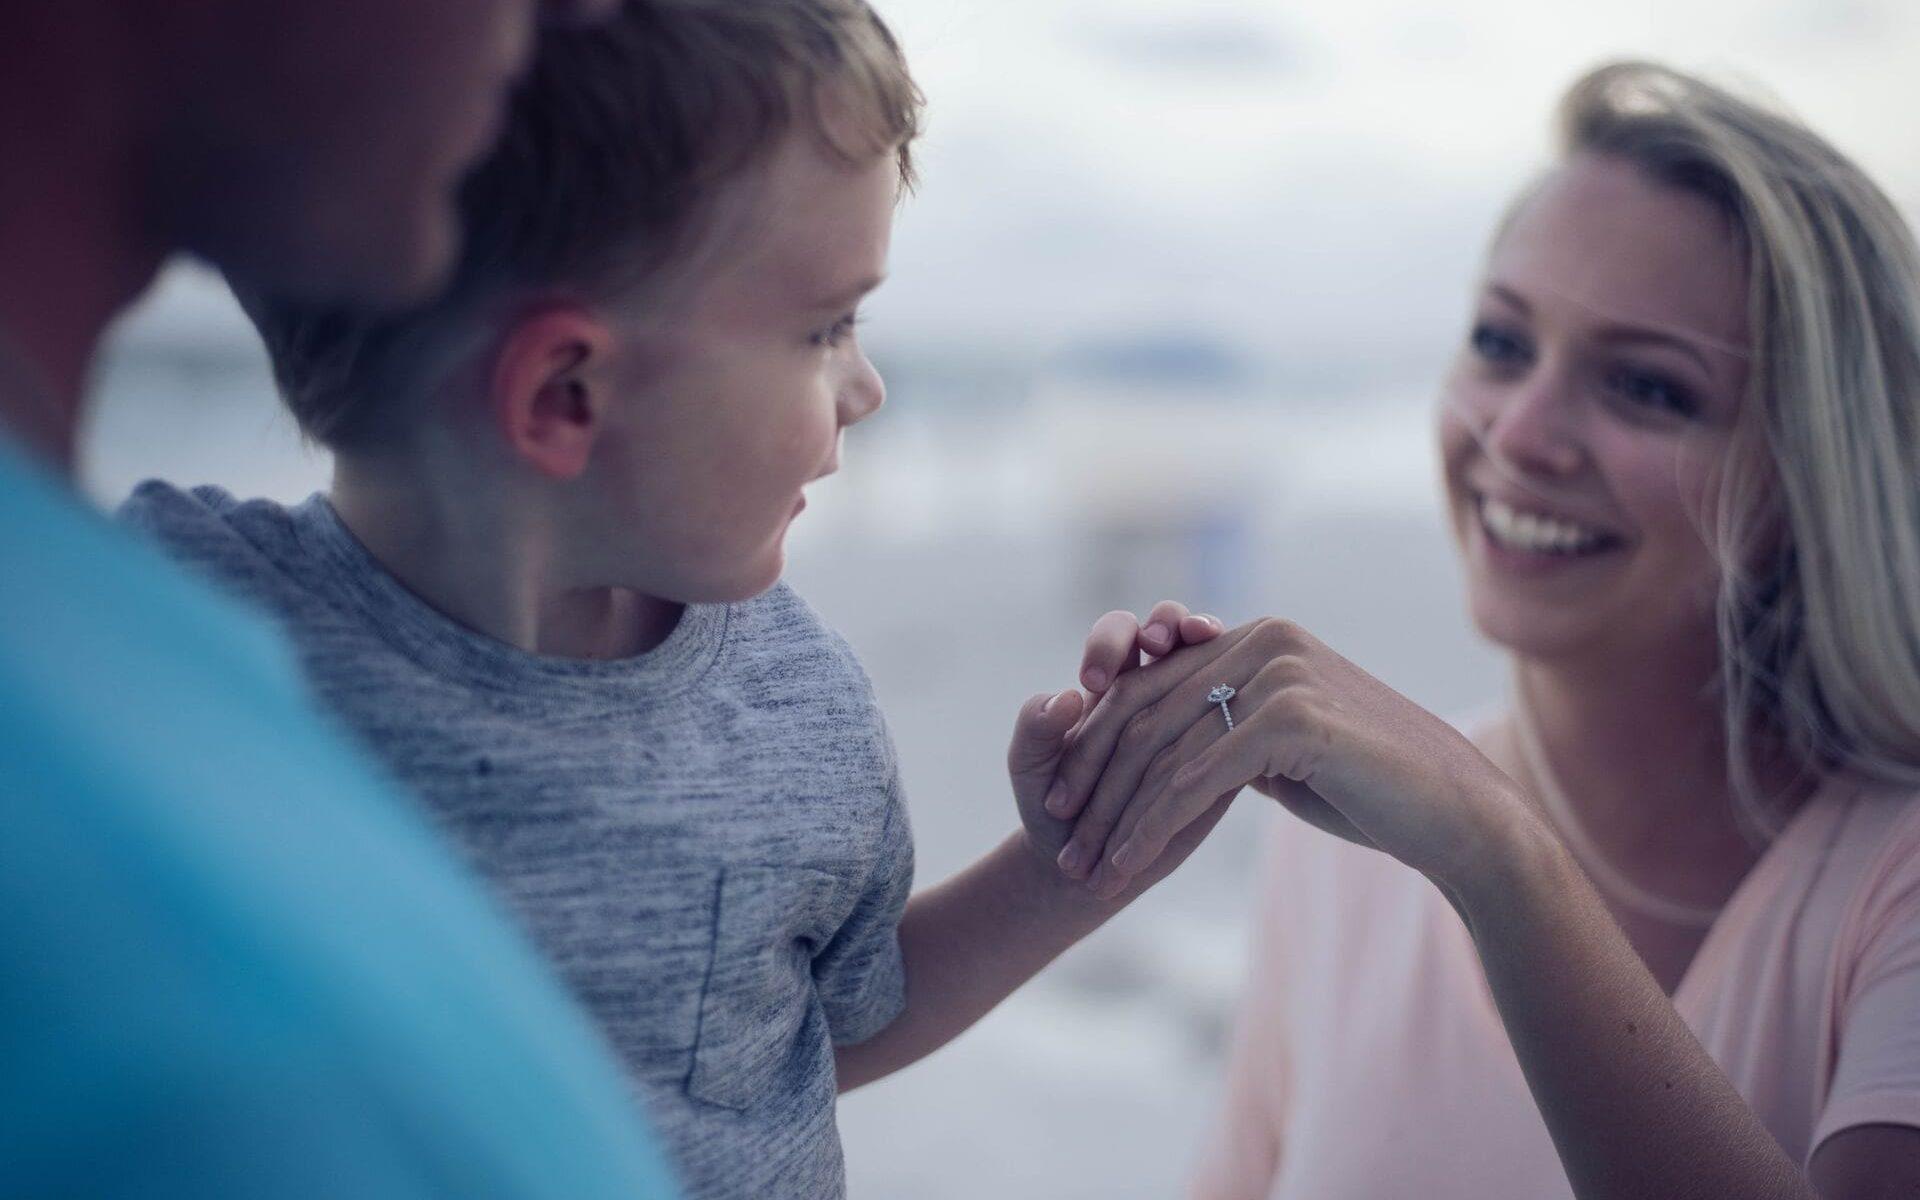 Семейная видеосъемка в СПб. Семейная съемка видео в Петербурге